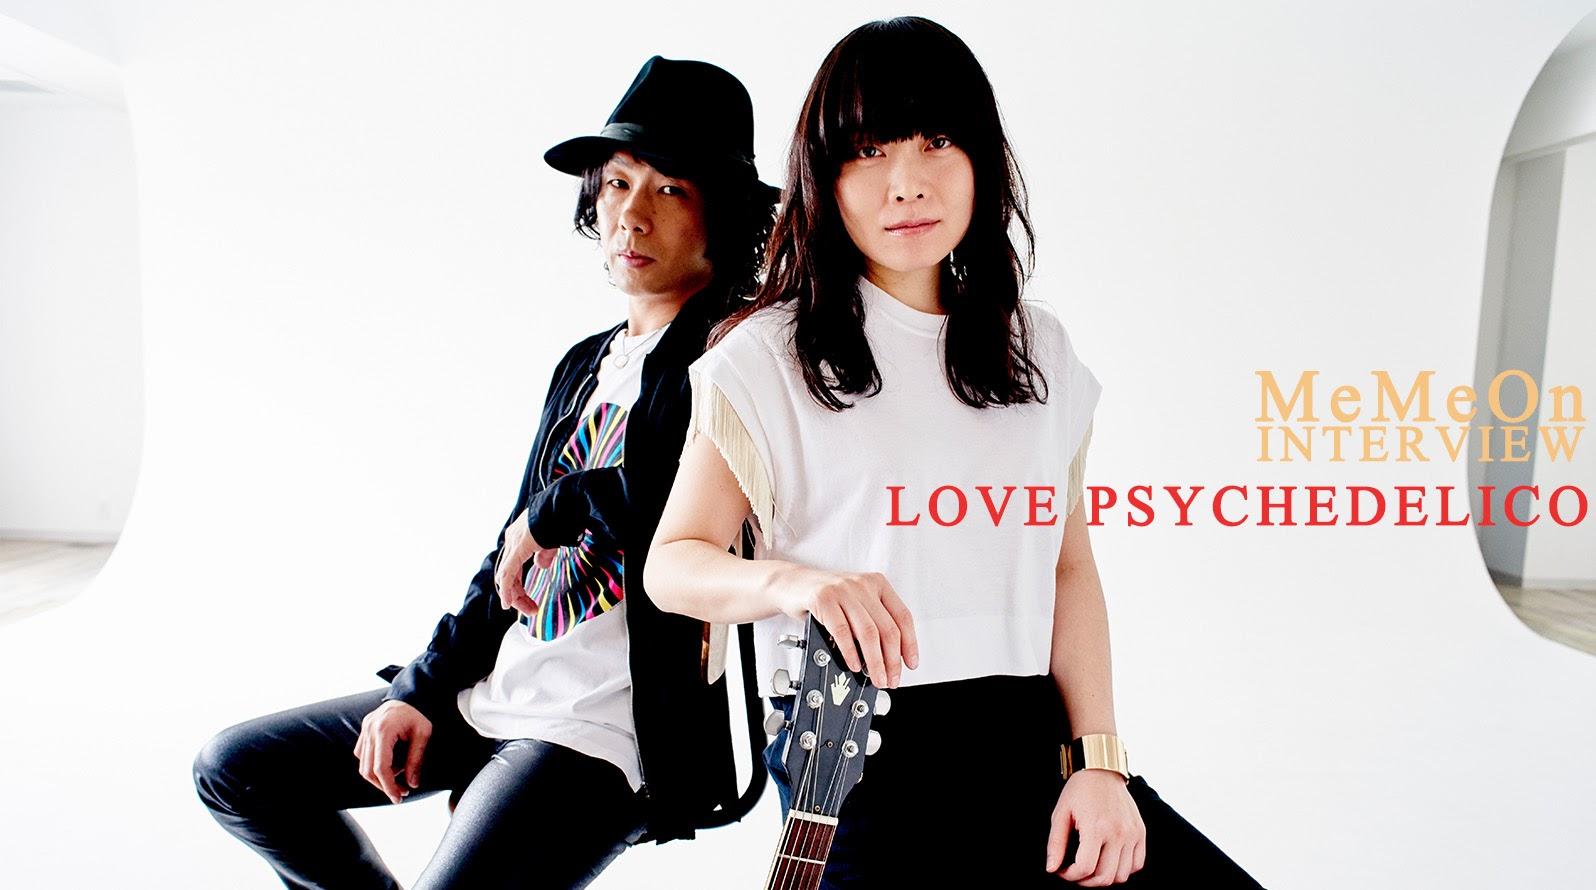 「(最初の台北ライブで)<Your Song>をみんなが一緒に歌ってくれたのをよく覚えてます。 」 LOVE PSYCHEDELICOインタビュー